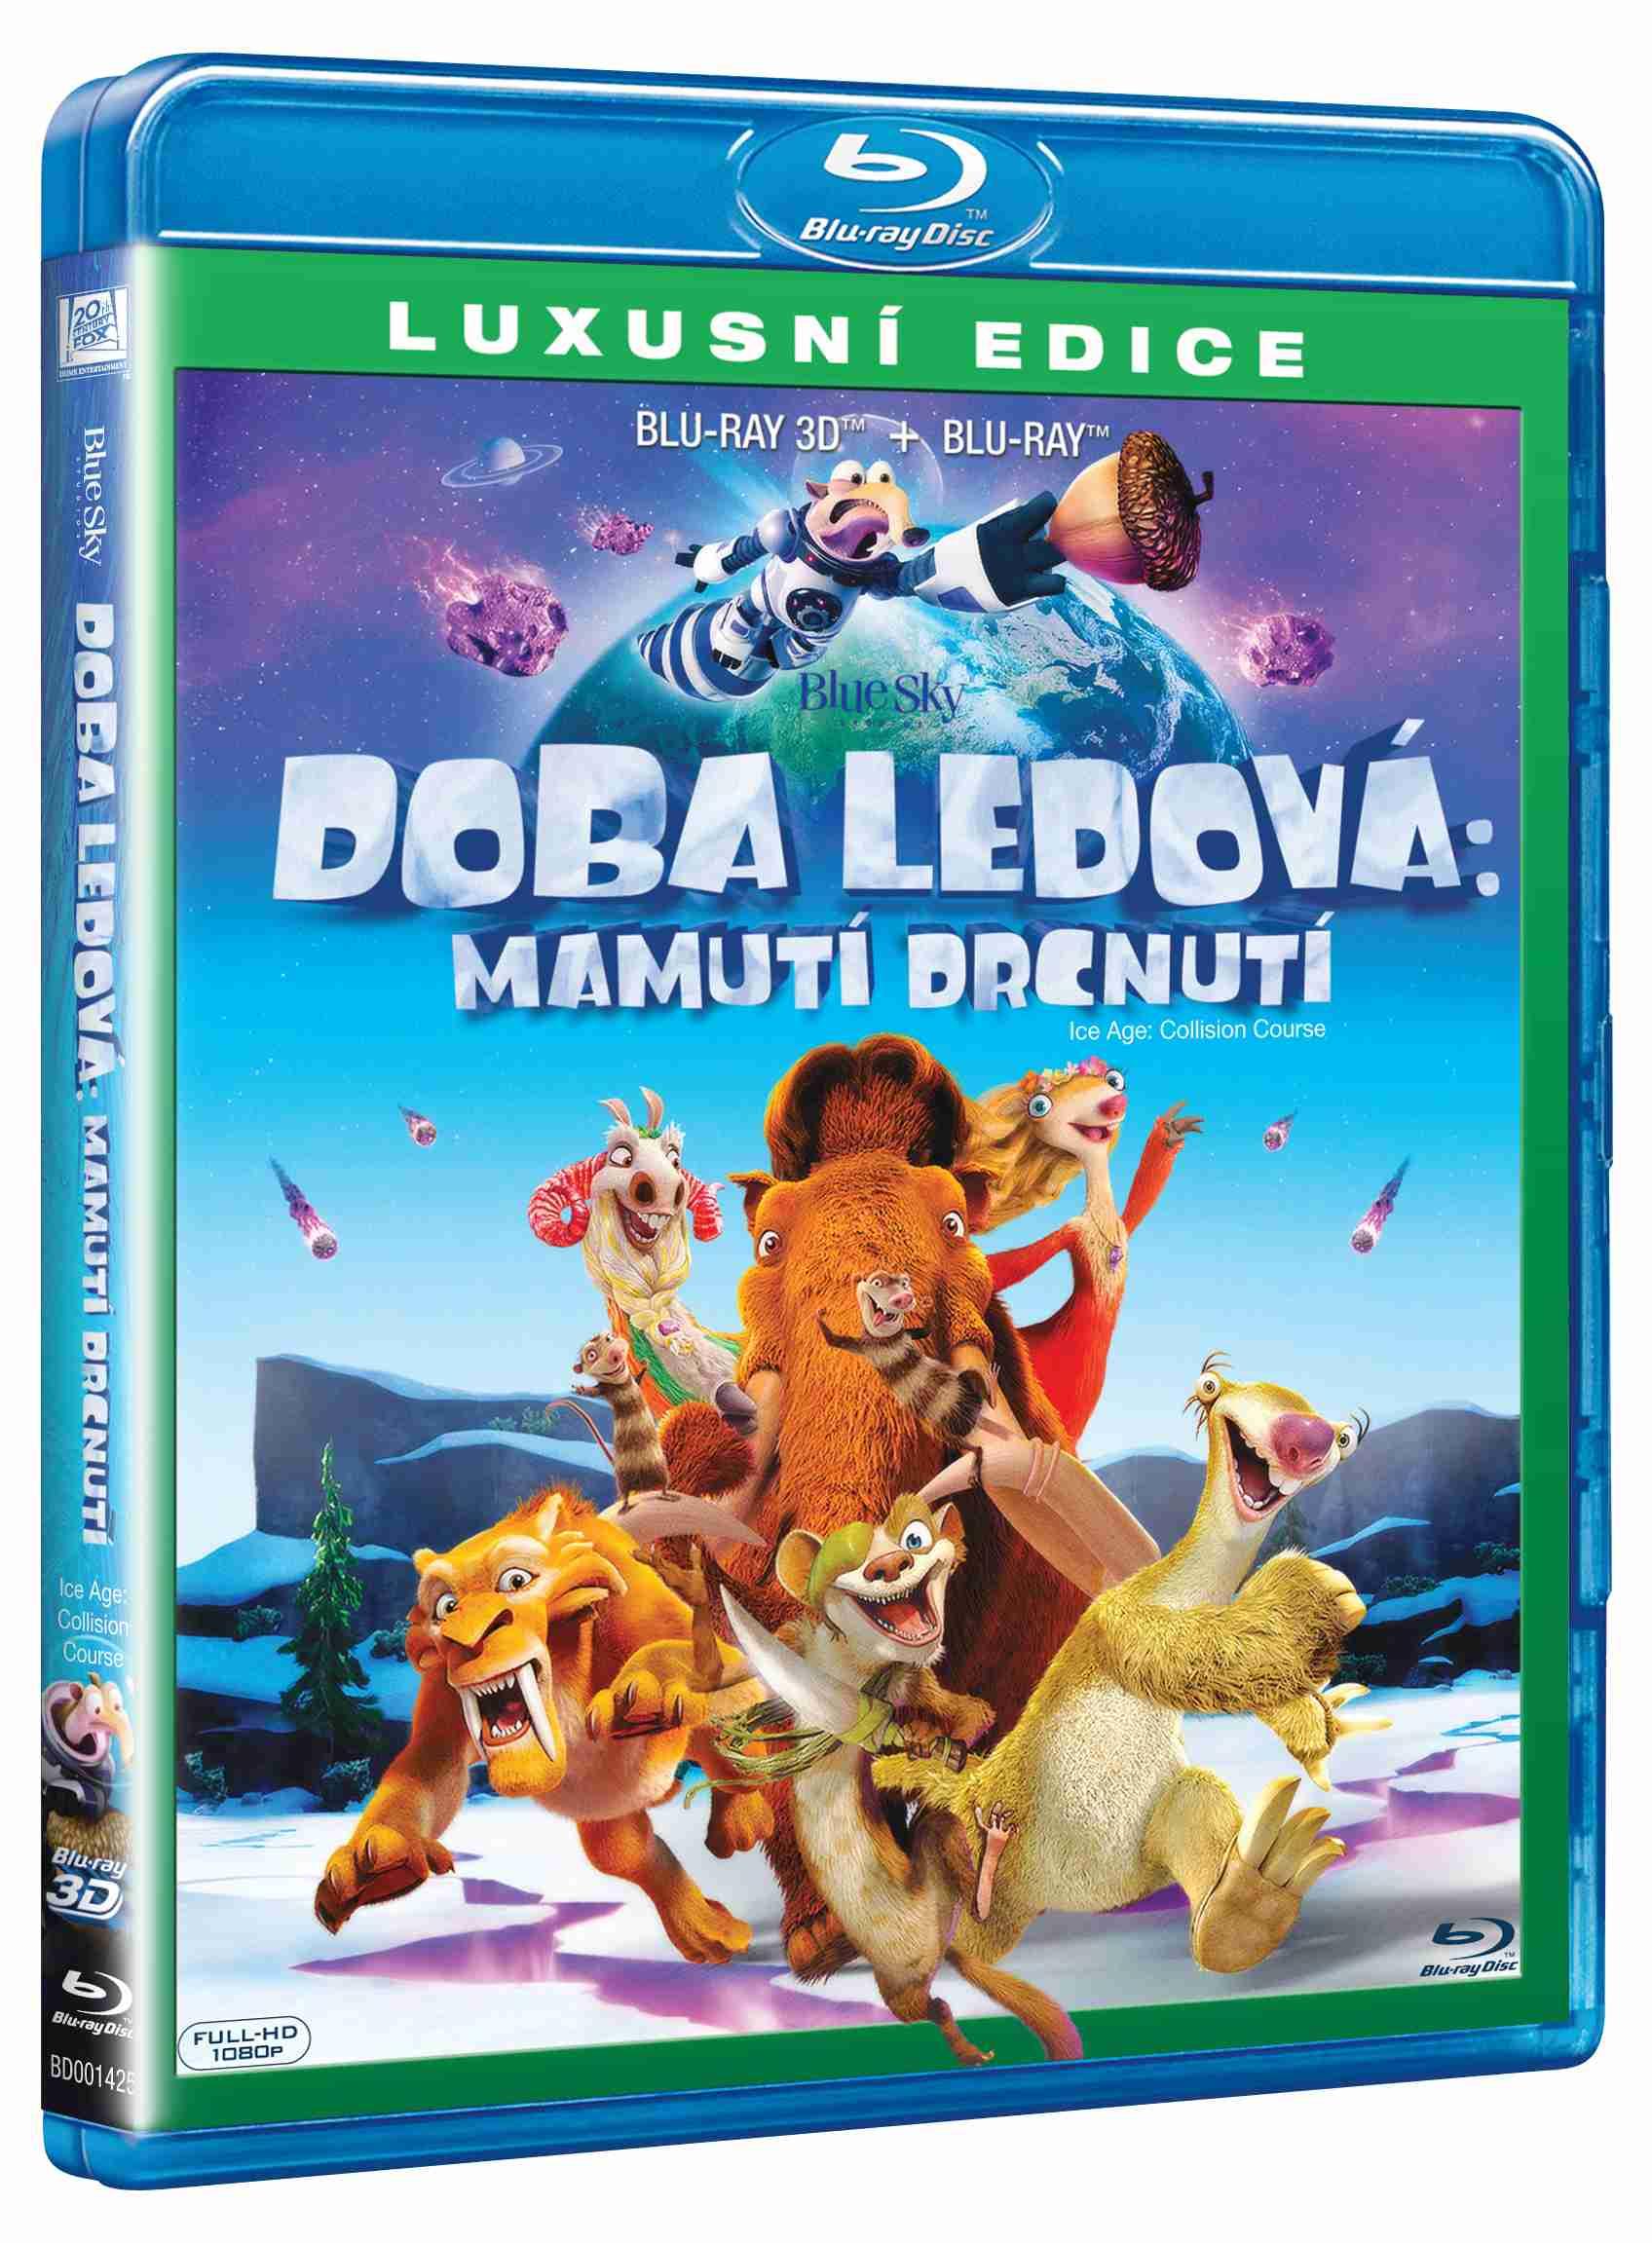 DOBA LEDOVÁ 5: MAMUTÍ DRCNUTÍ - Blu-ray 3D + 2D